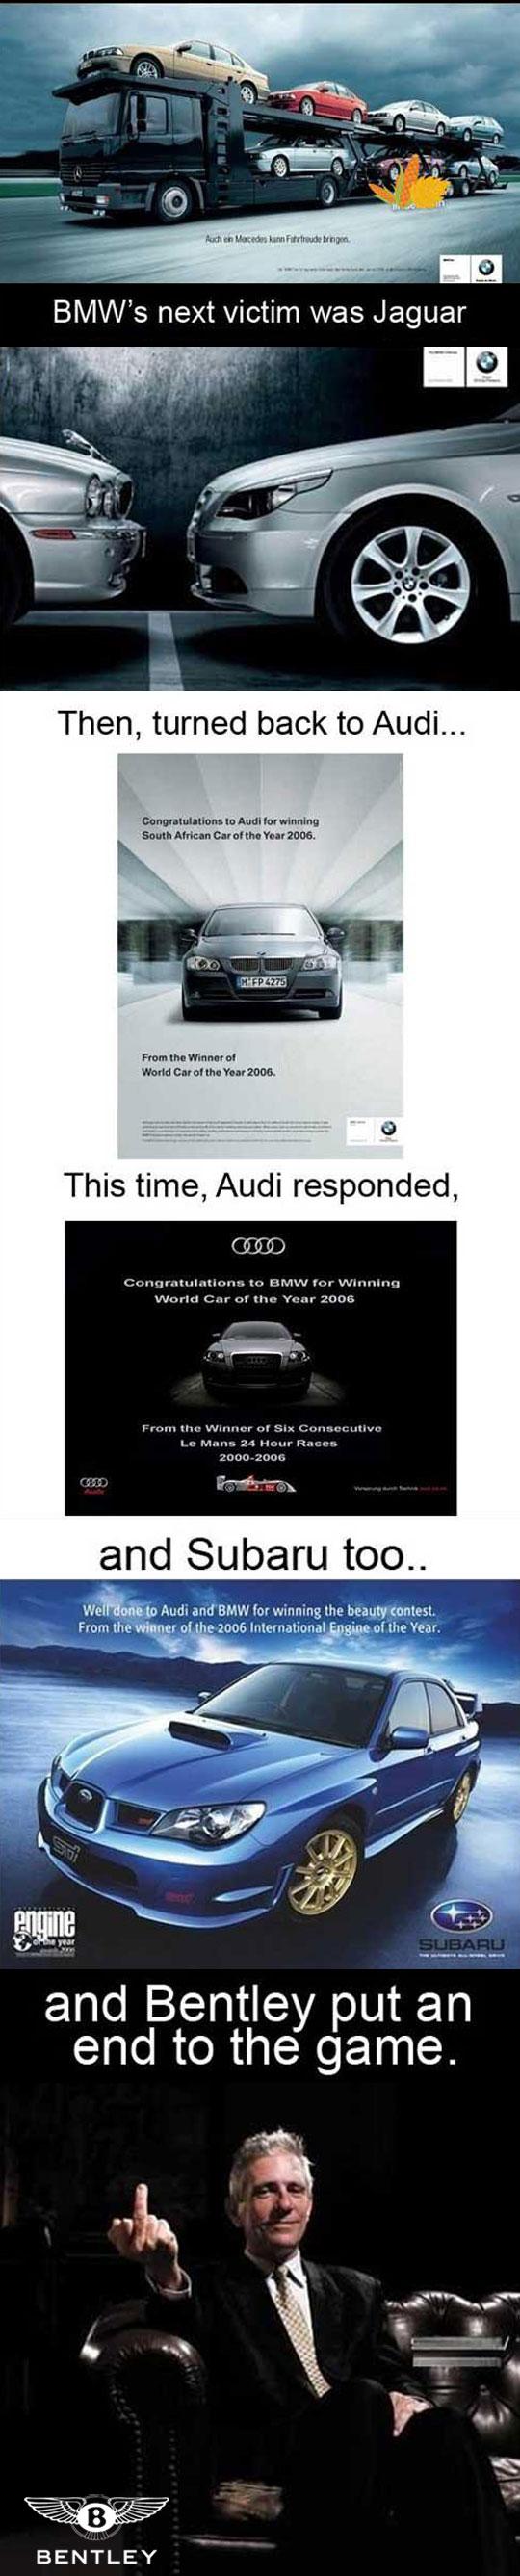 funny-car-brand-war-ad-fight-BMW